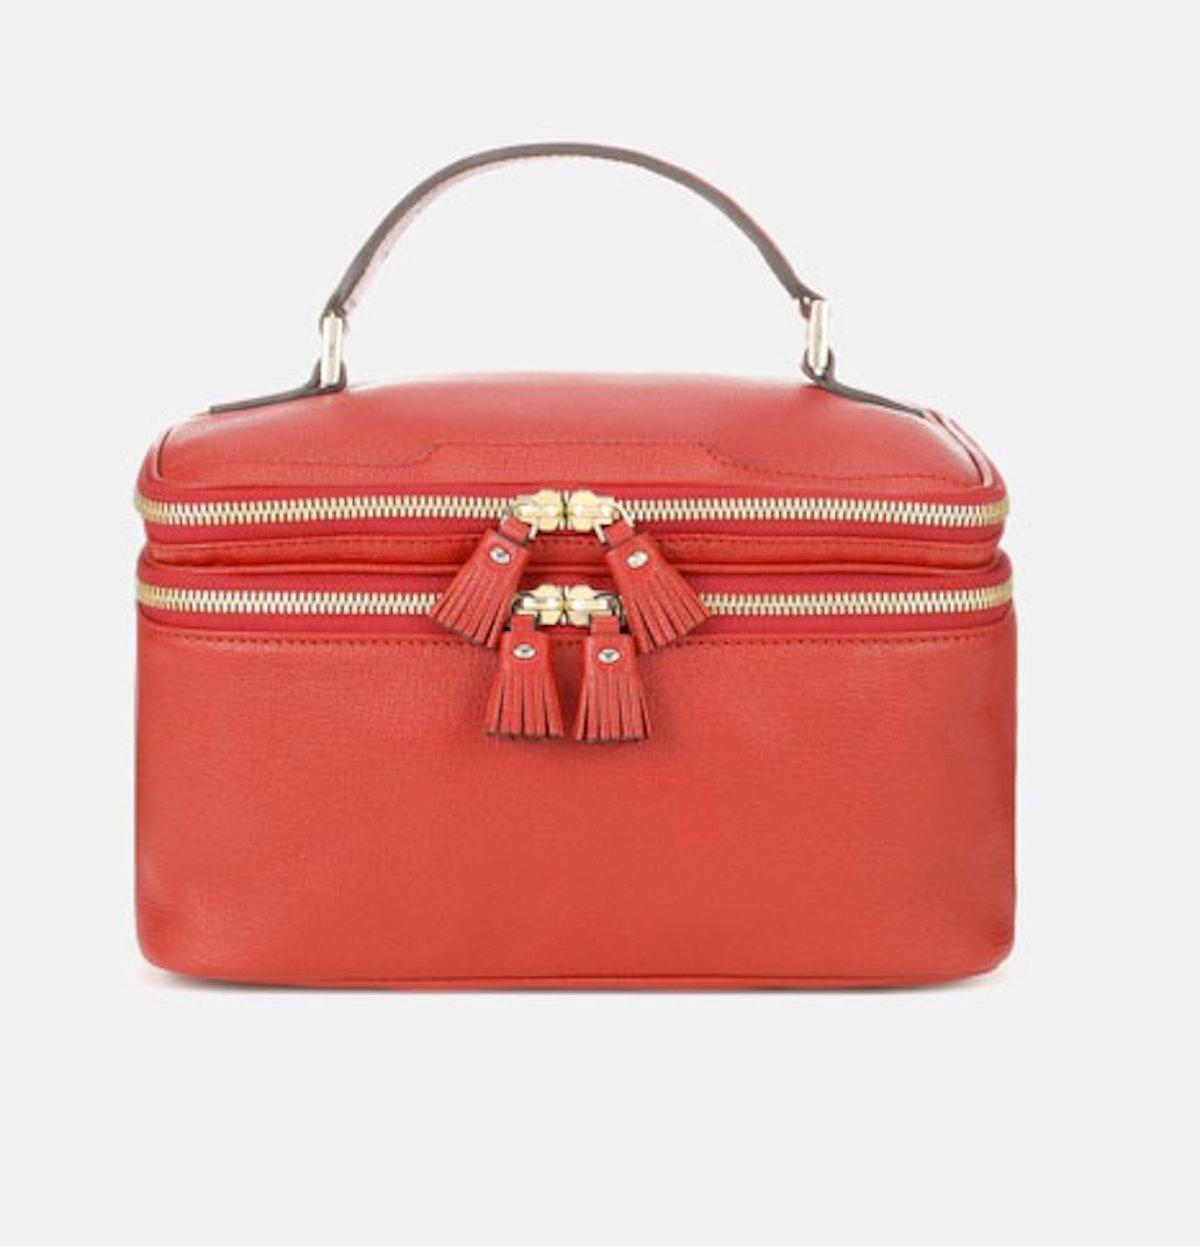 Anya Hindmarch travel bag